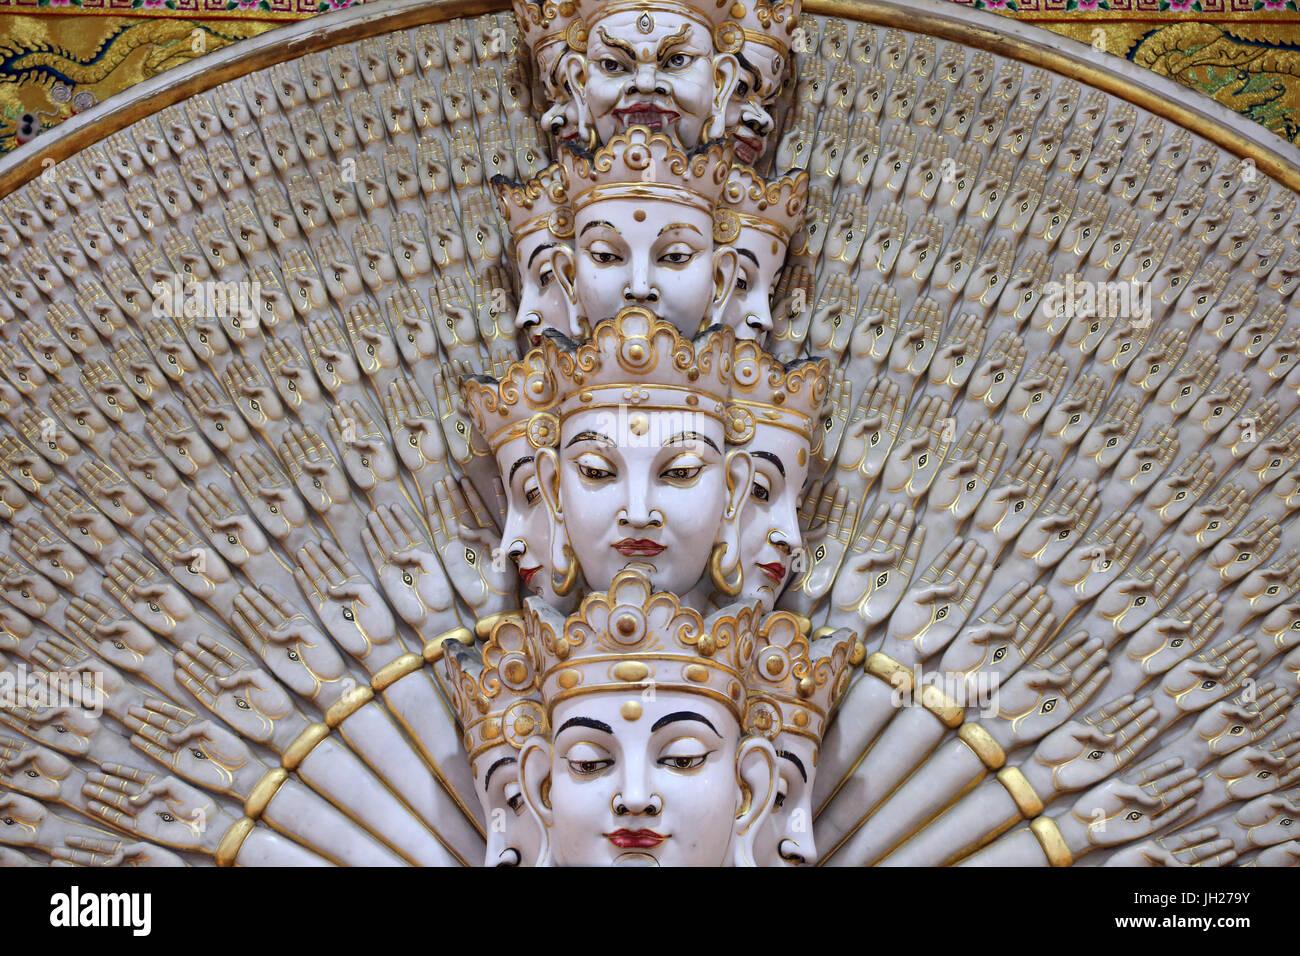 Kong Meng San Phor Kark Voir le monastère. Hall d'une grande compassion. Avalokiteshvara Bodhisvattva de mille bras et yeux statue. Singapour. Banque D'Images